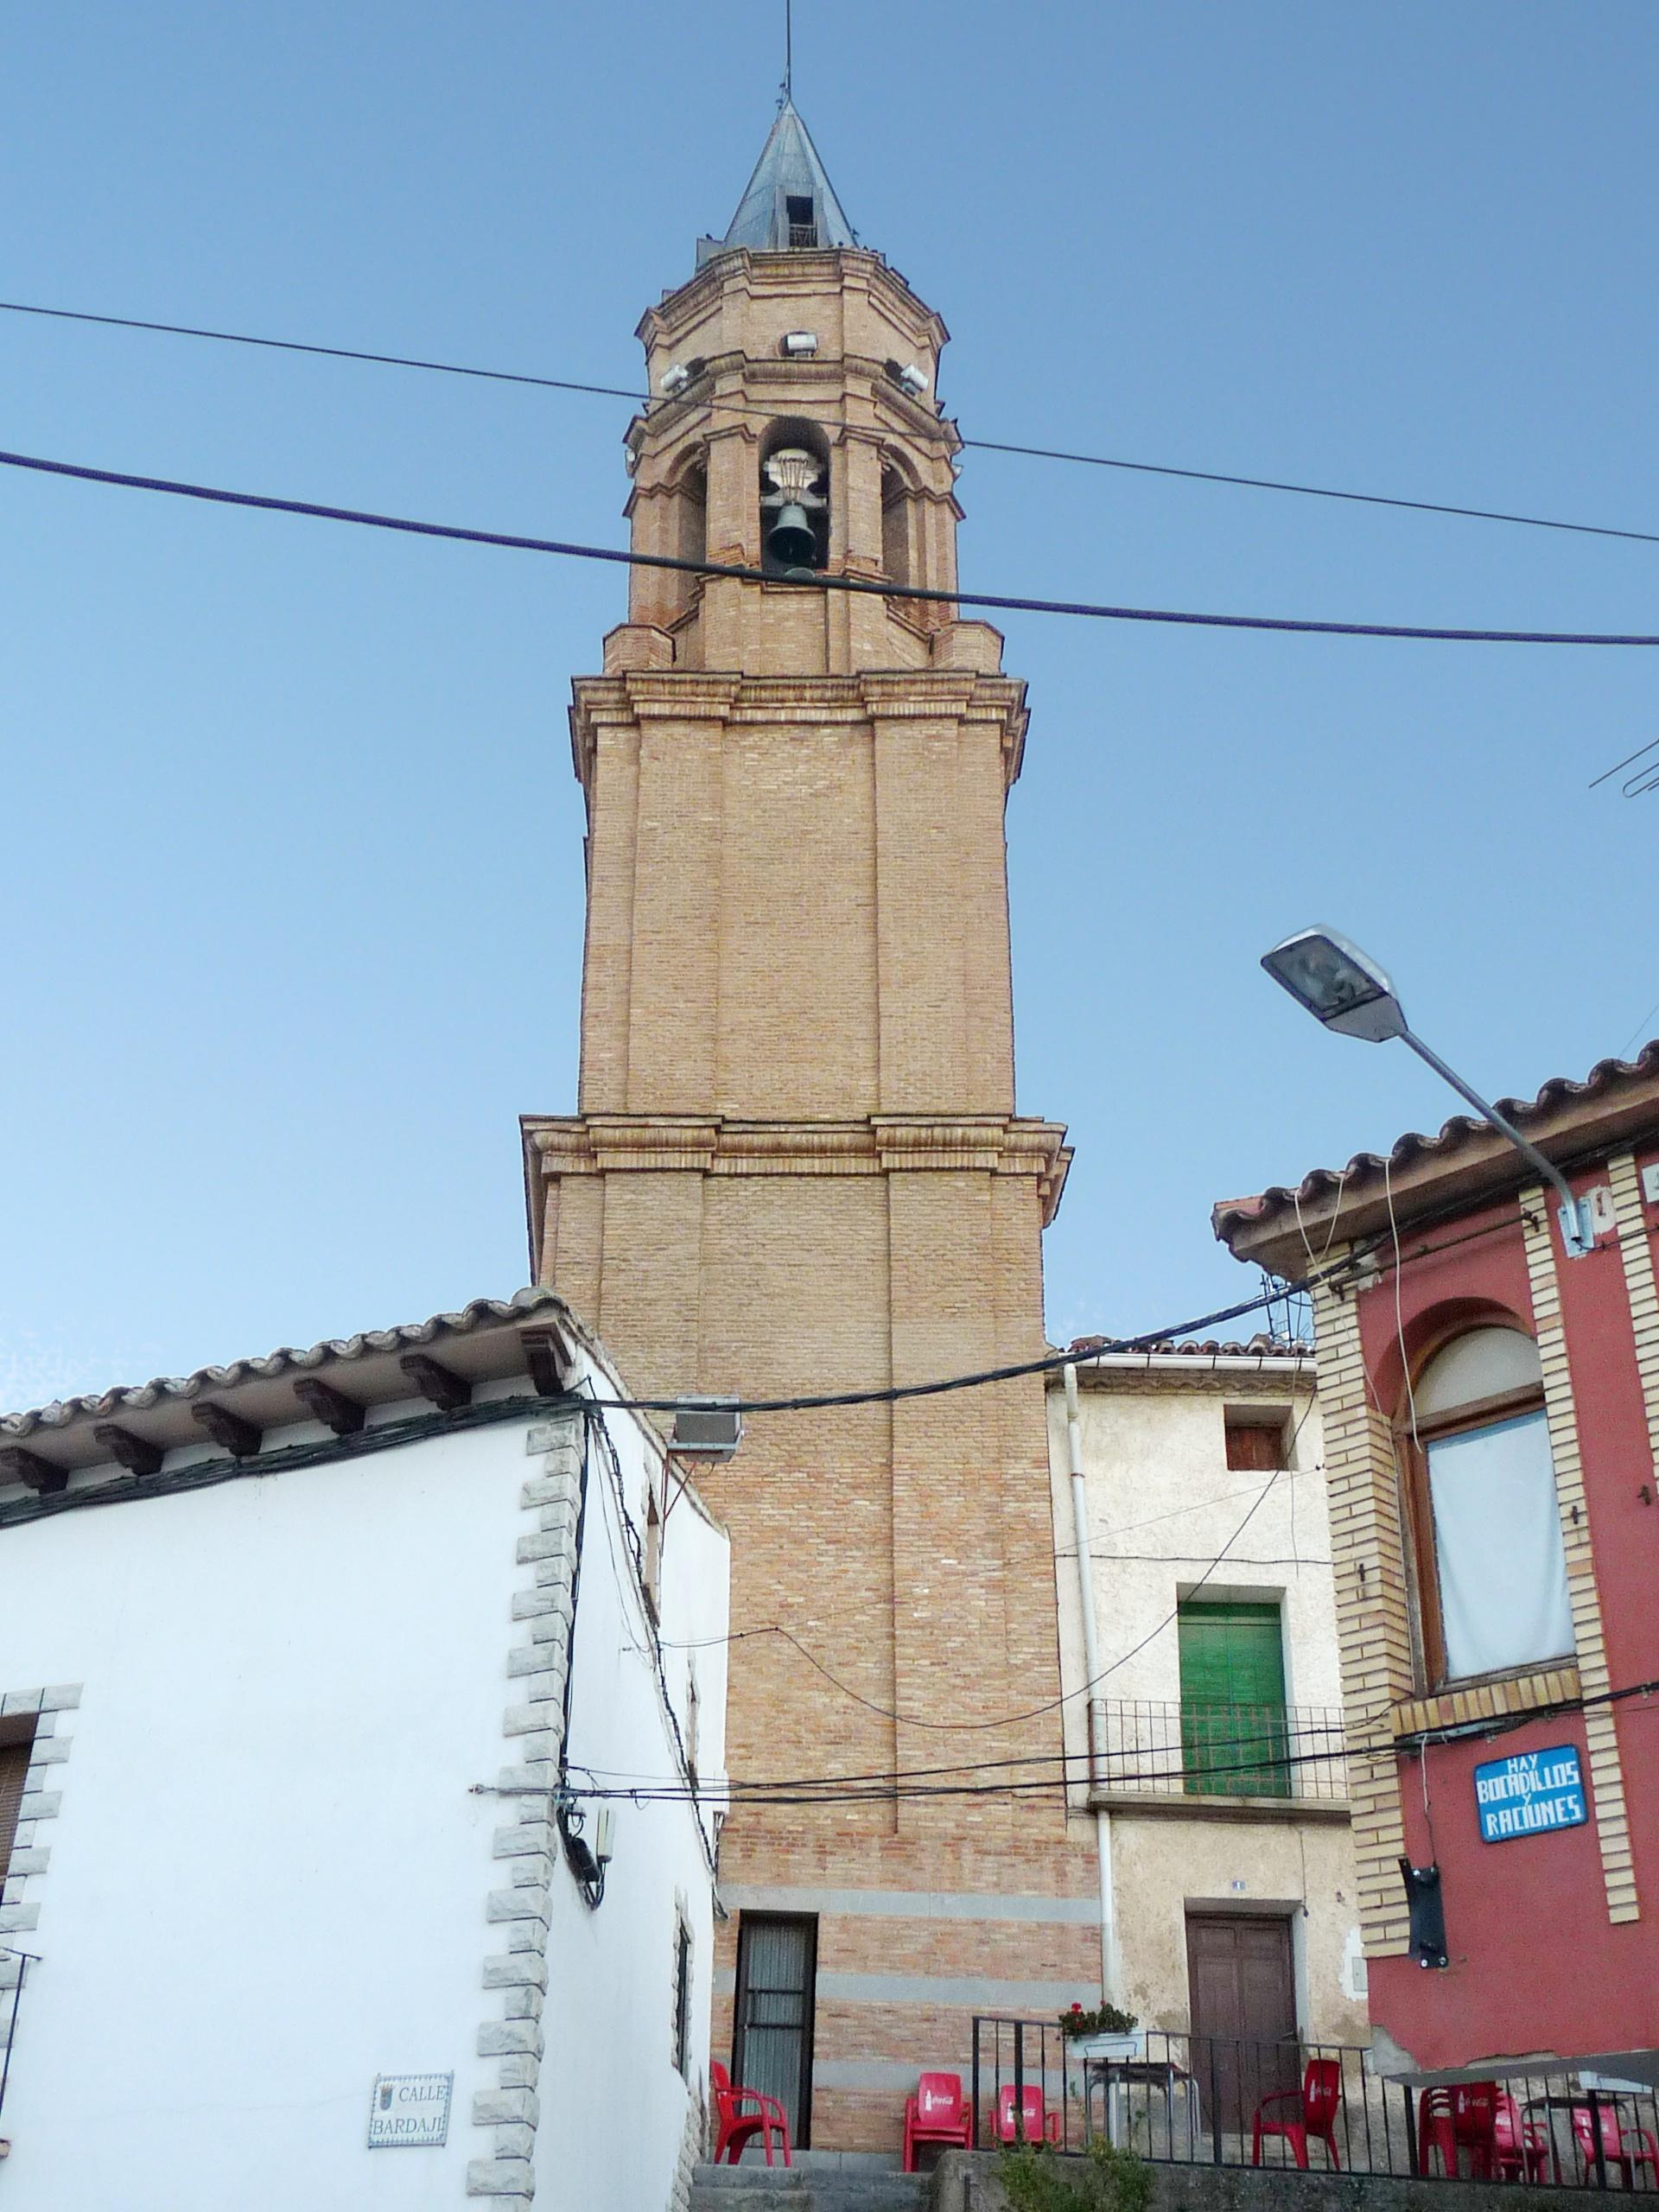 Torre de la Iglesia. Guía de viaje de El Frasno. Tu Maleta.